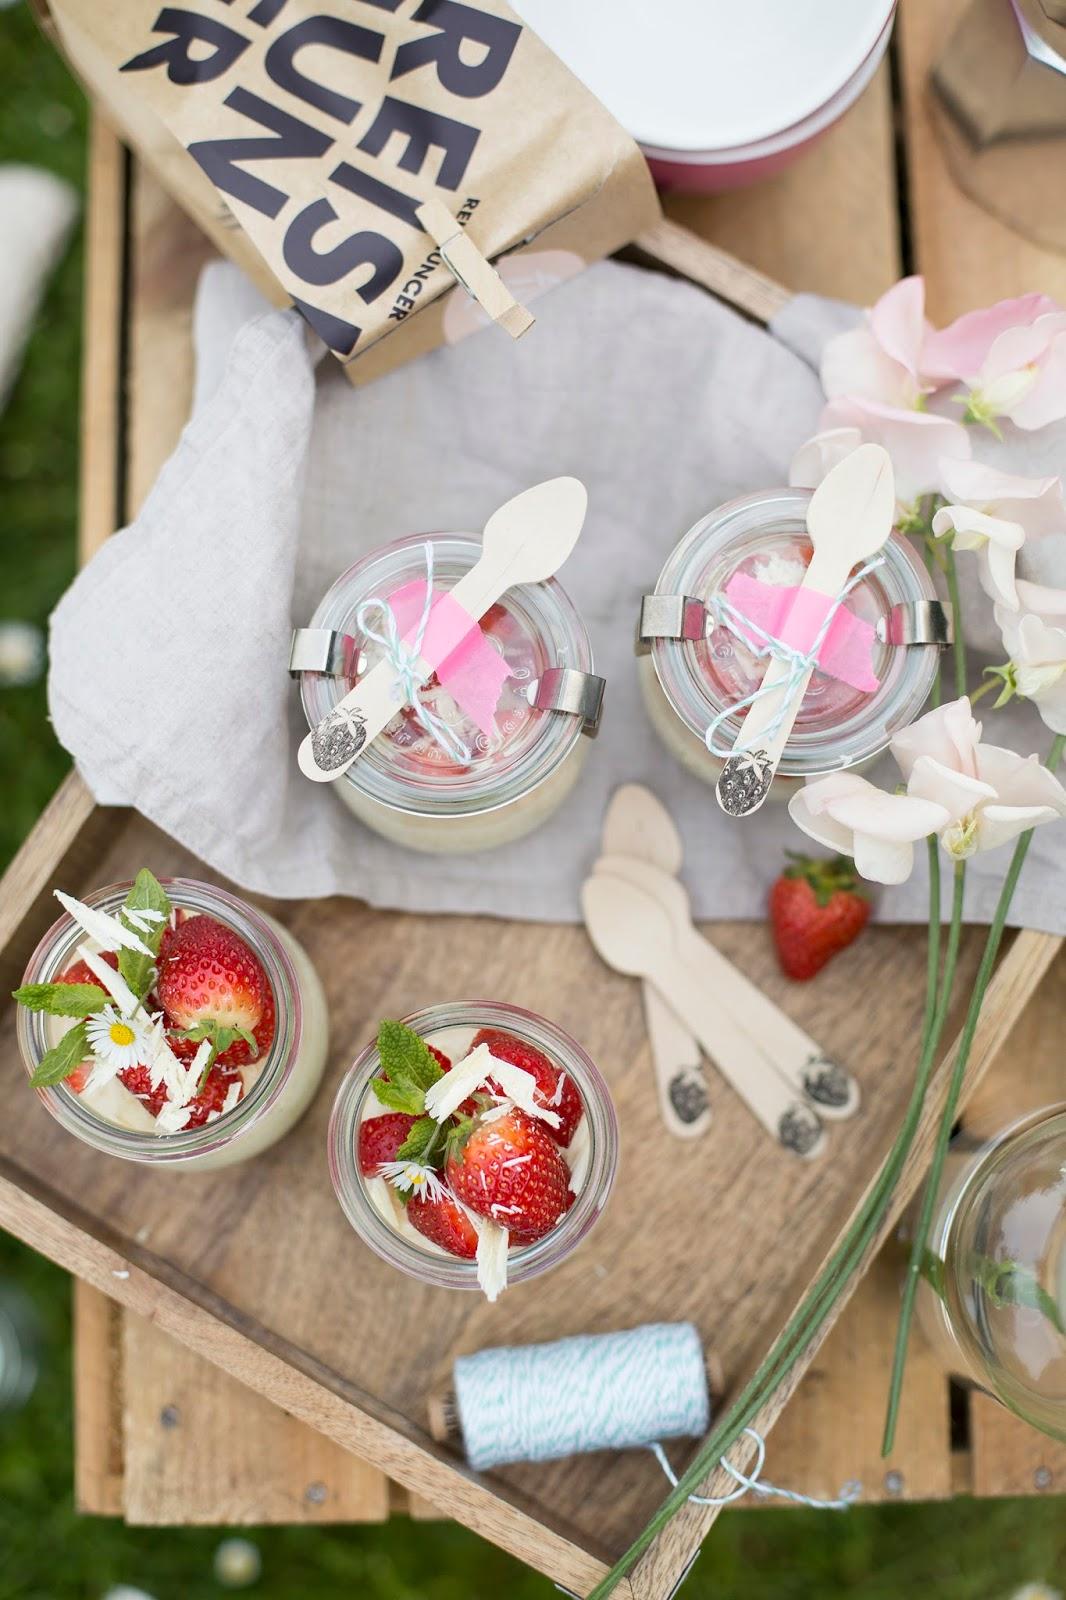 Picknick mit weißem Milchreis und frischen Erdbeeren